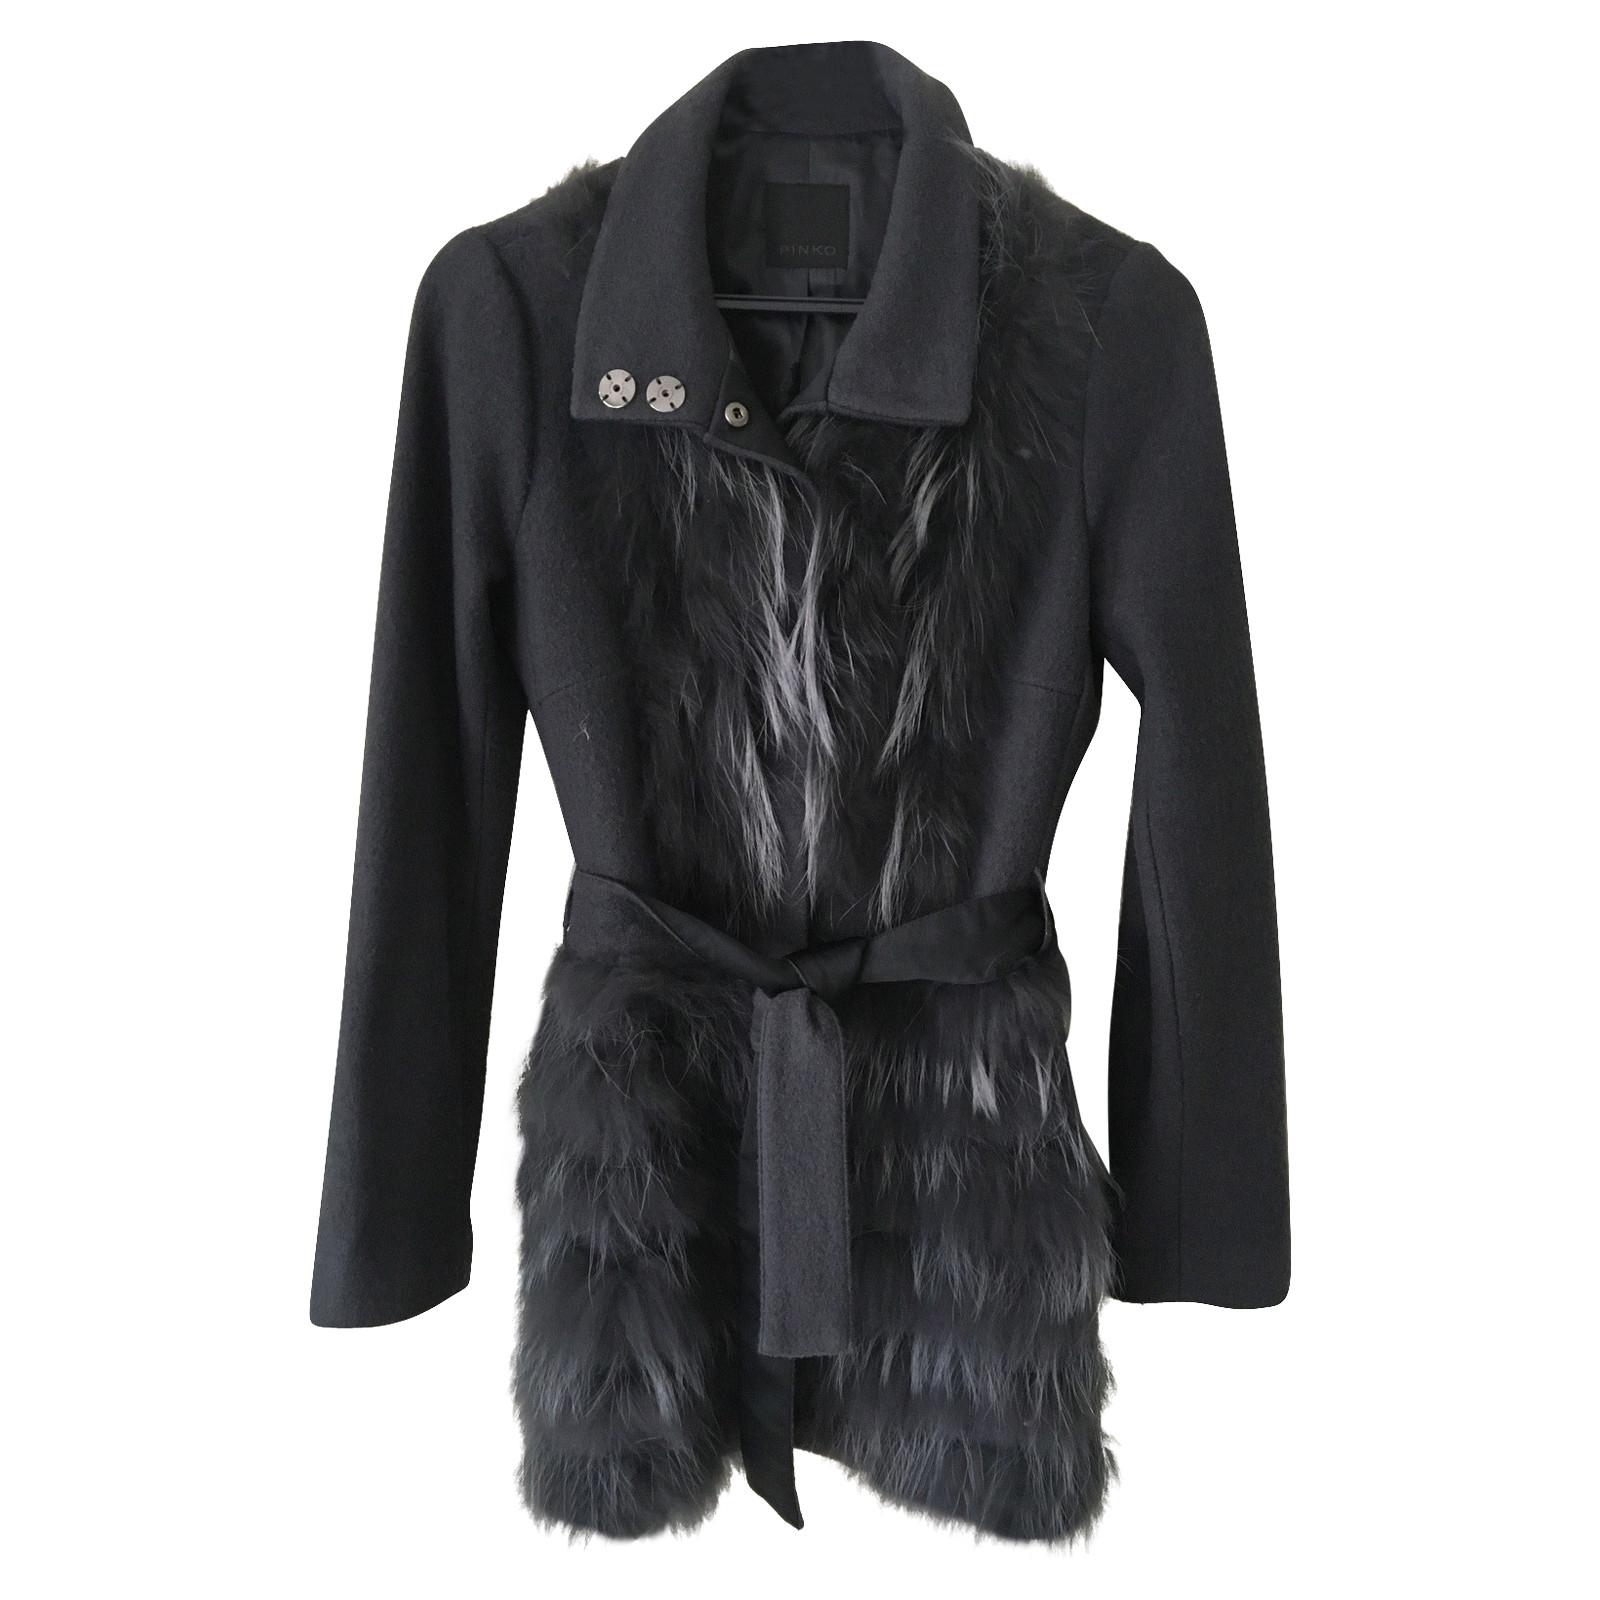 Cappotto in lana di pecora | Cappotti, Lana e Pelliccia